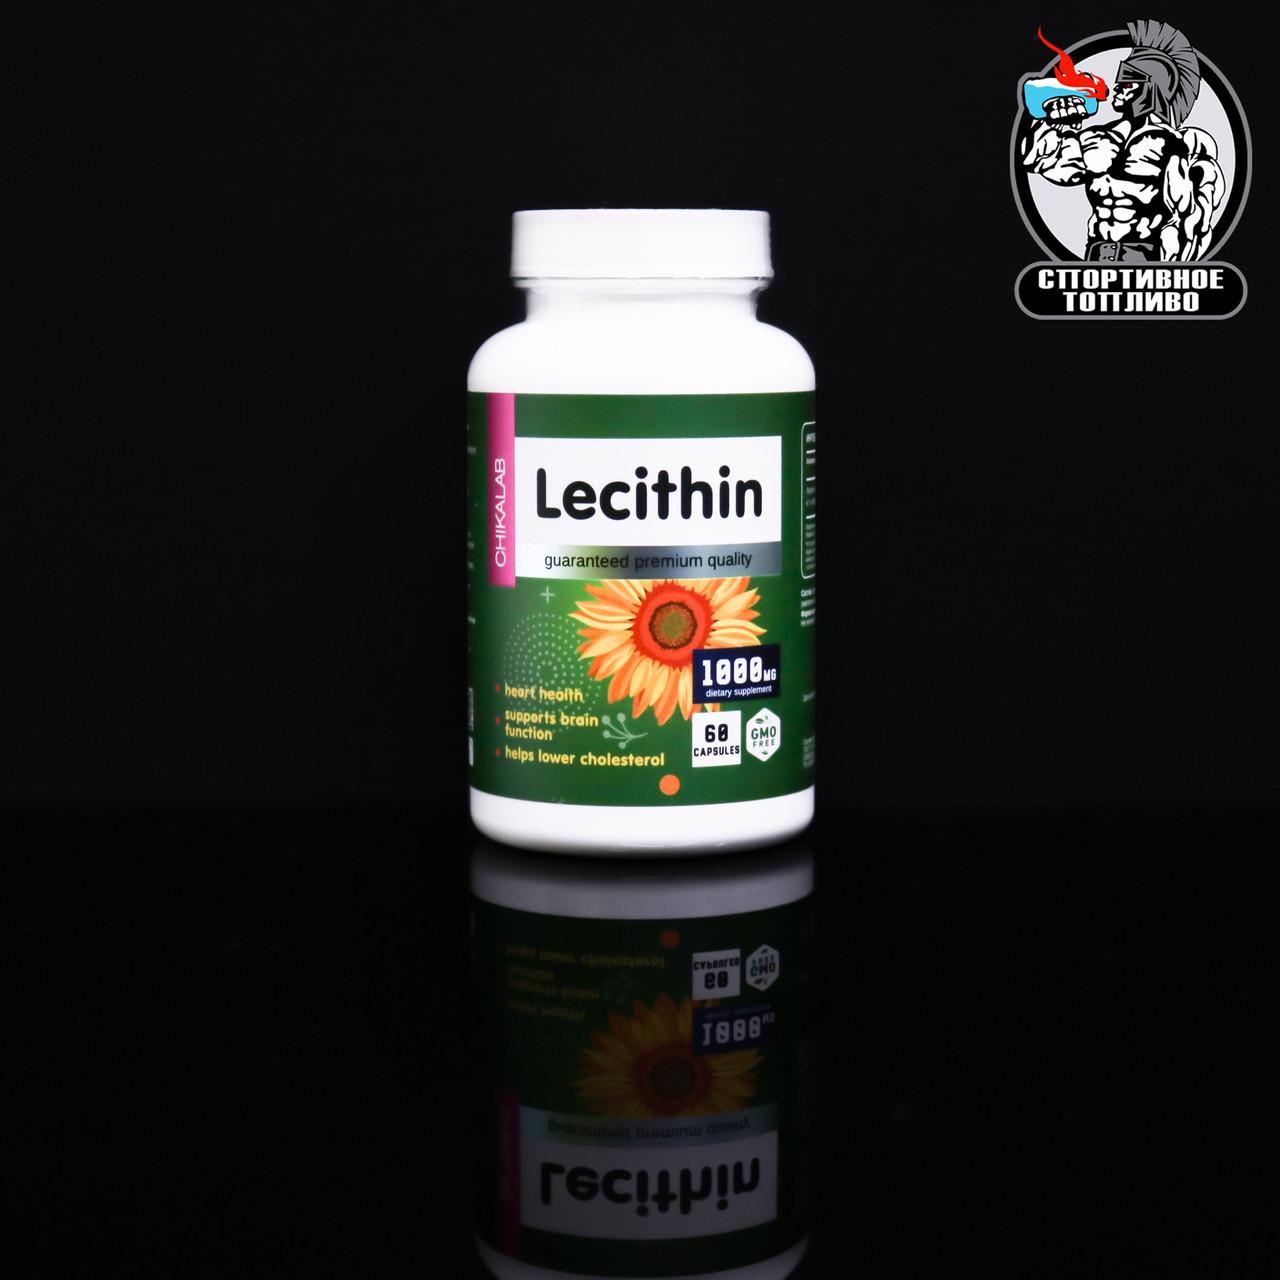 Chikalab - Lecithin 60капс/60порций